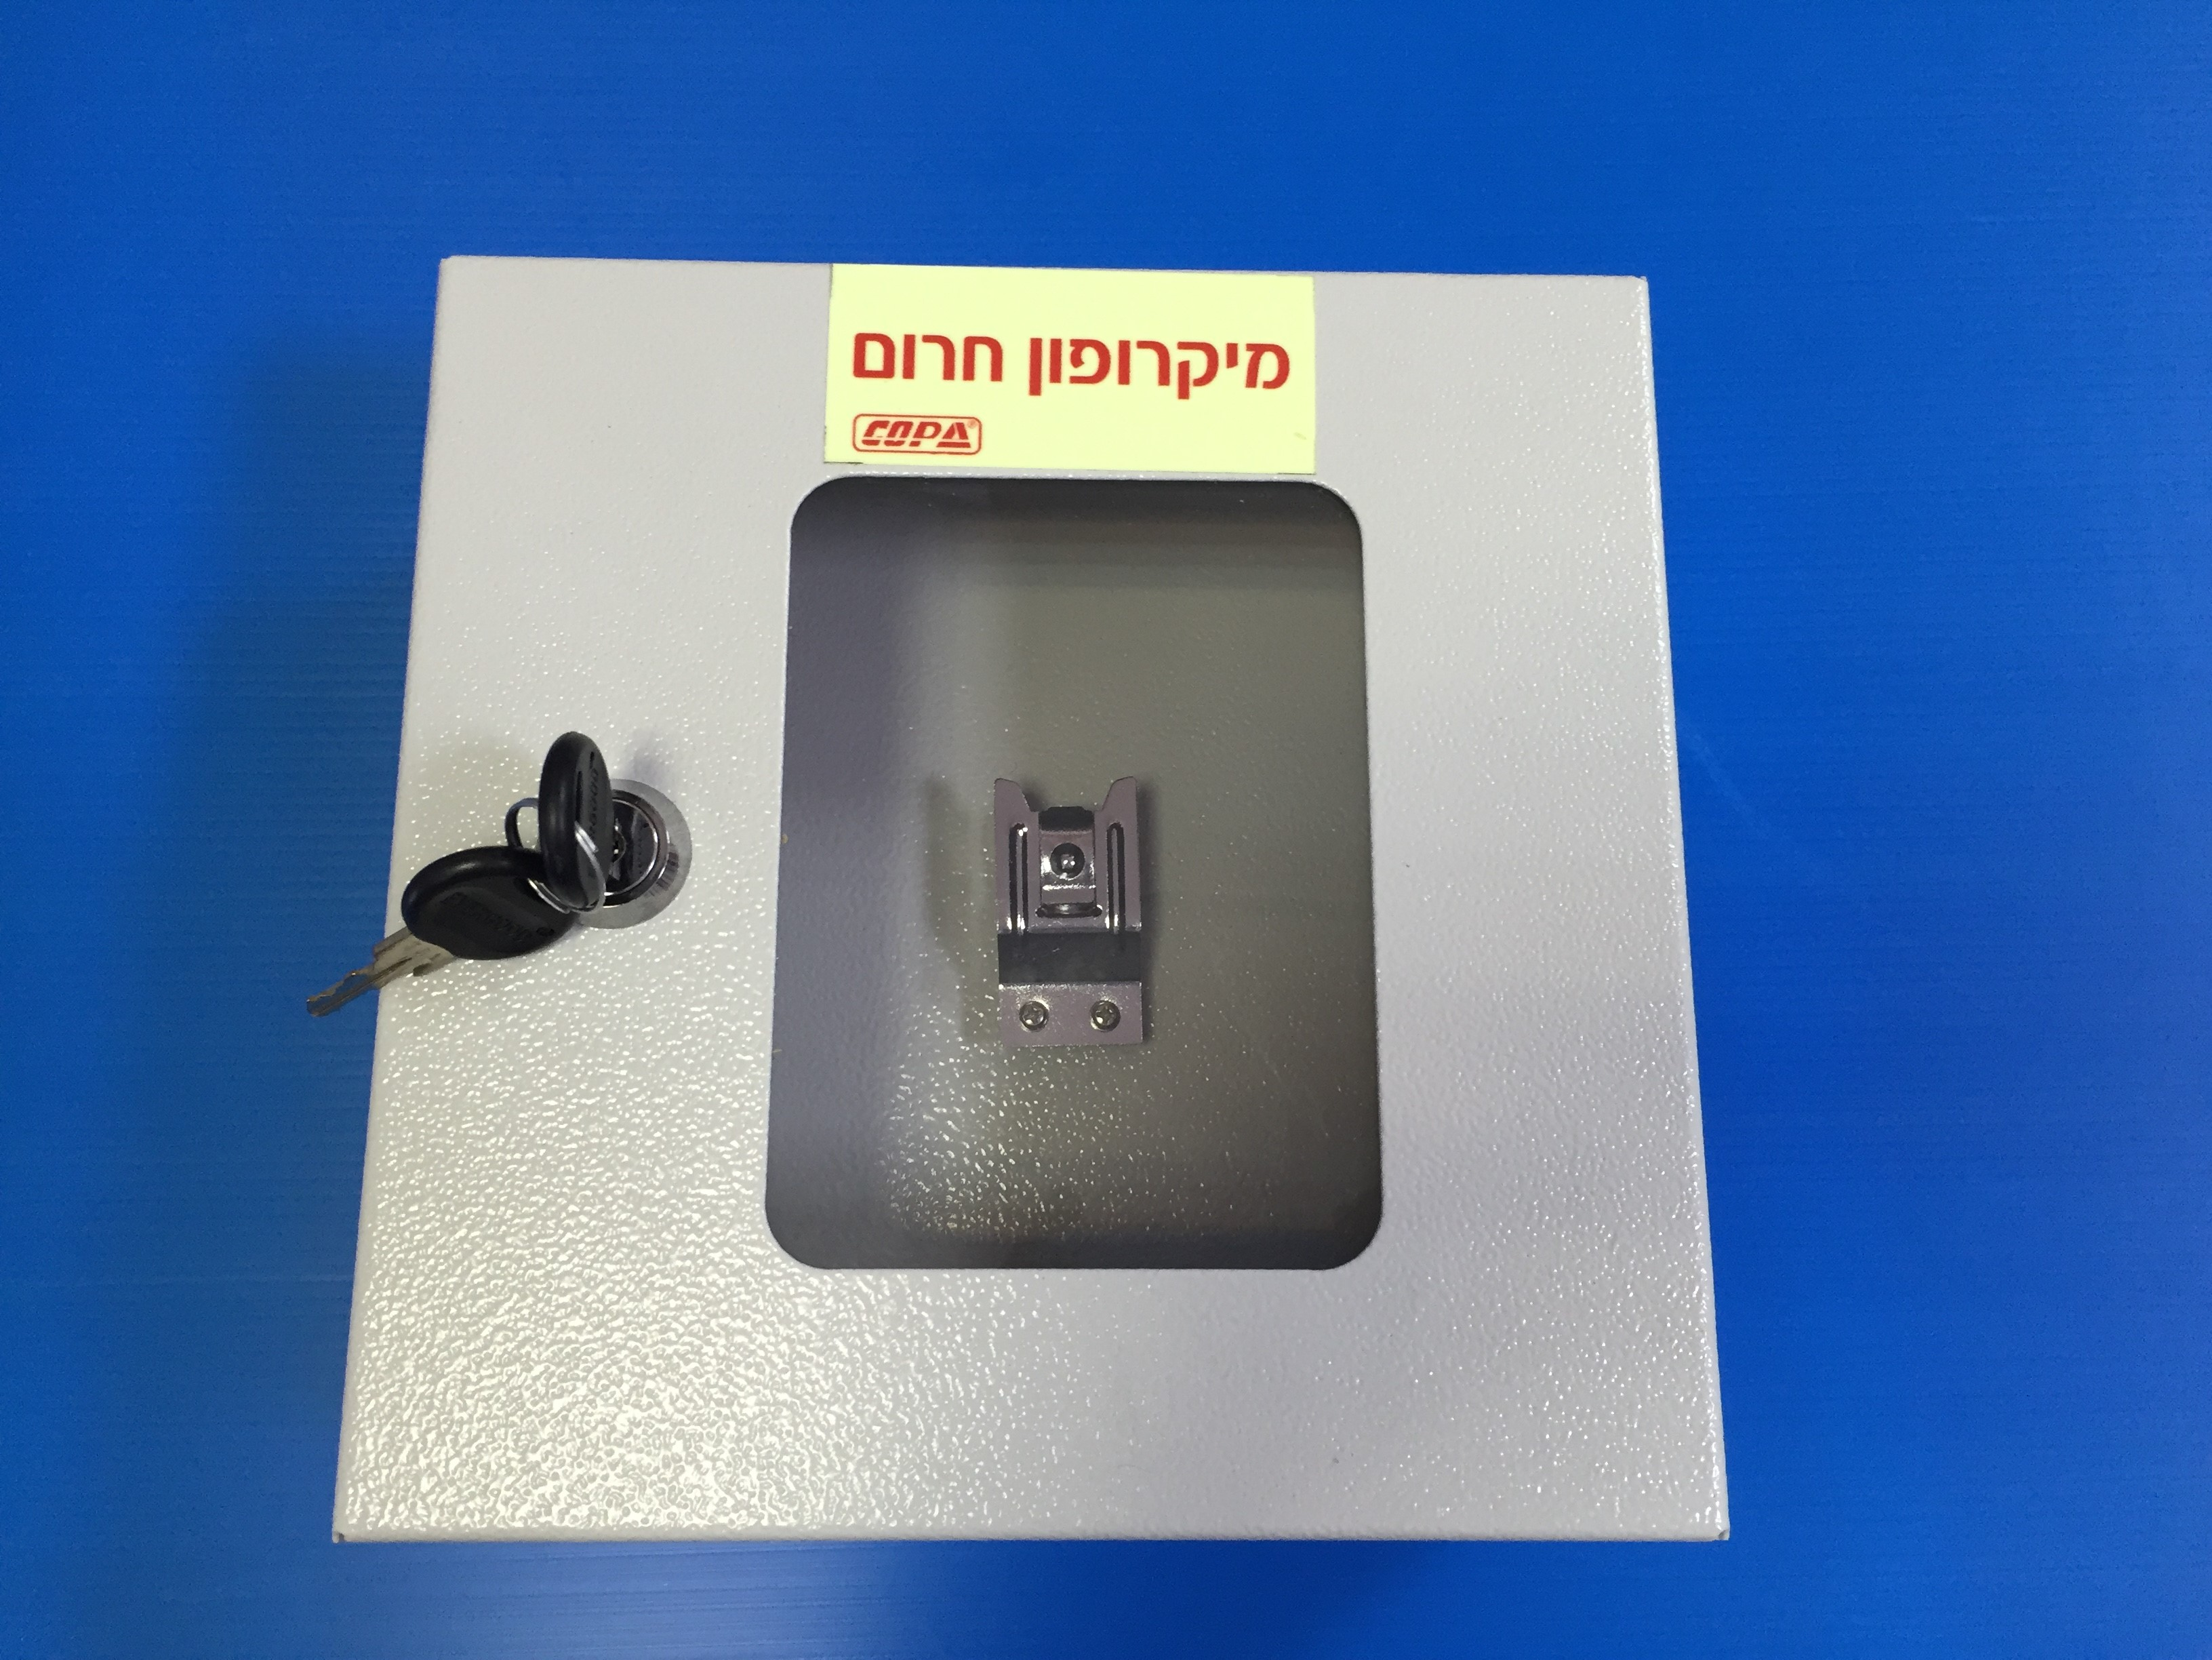 קופסת מתכת למיקרופון בחרום